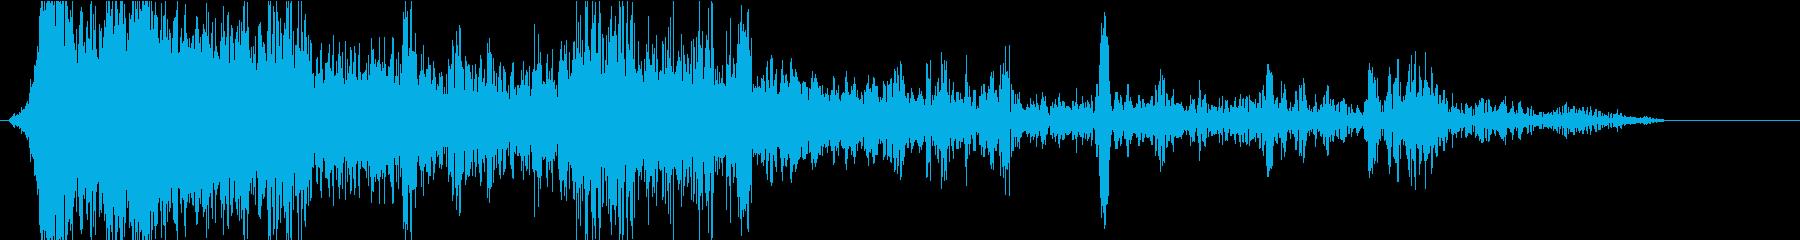 雷05の再生済みの波形